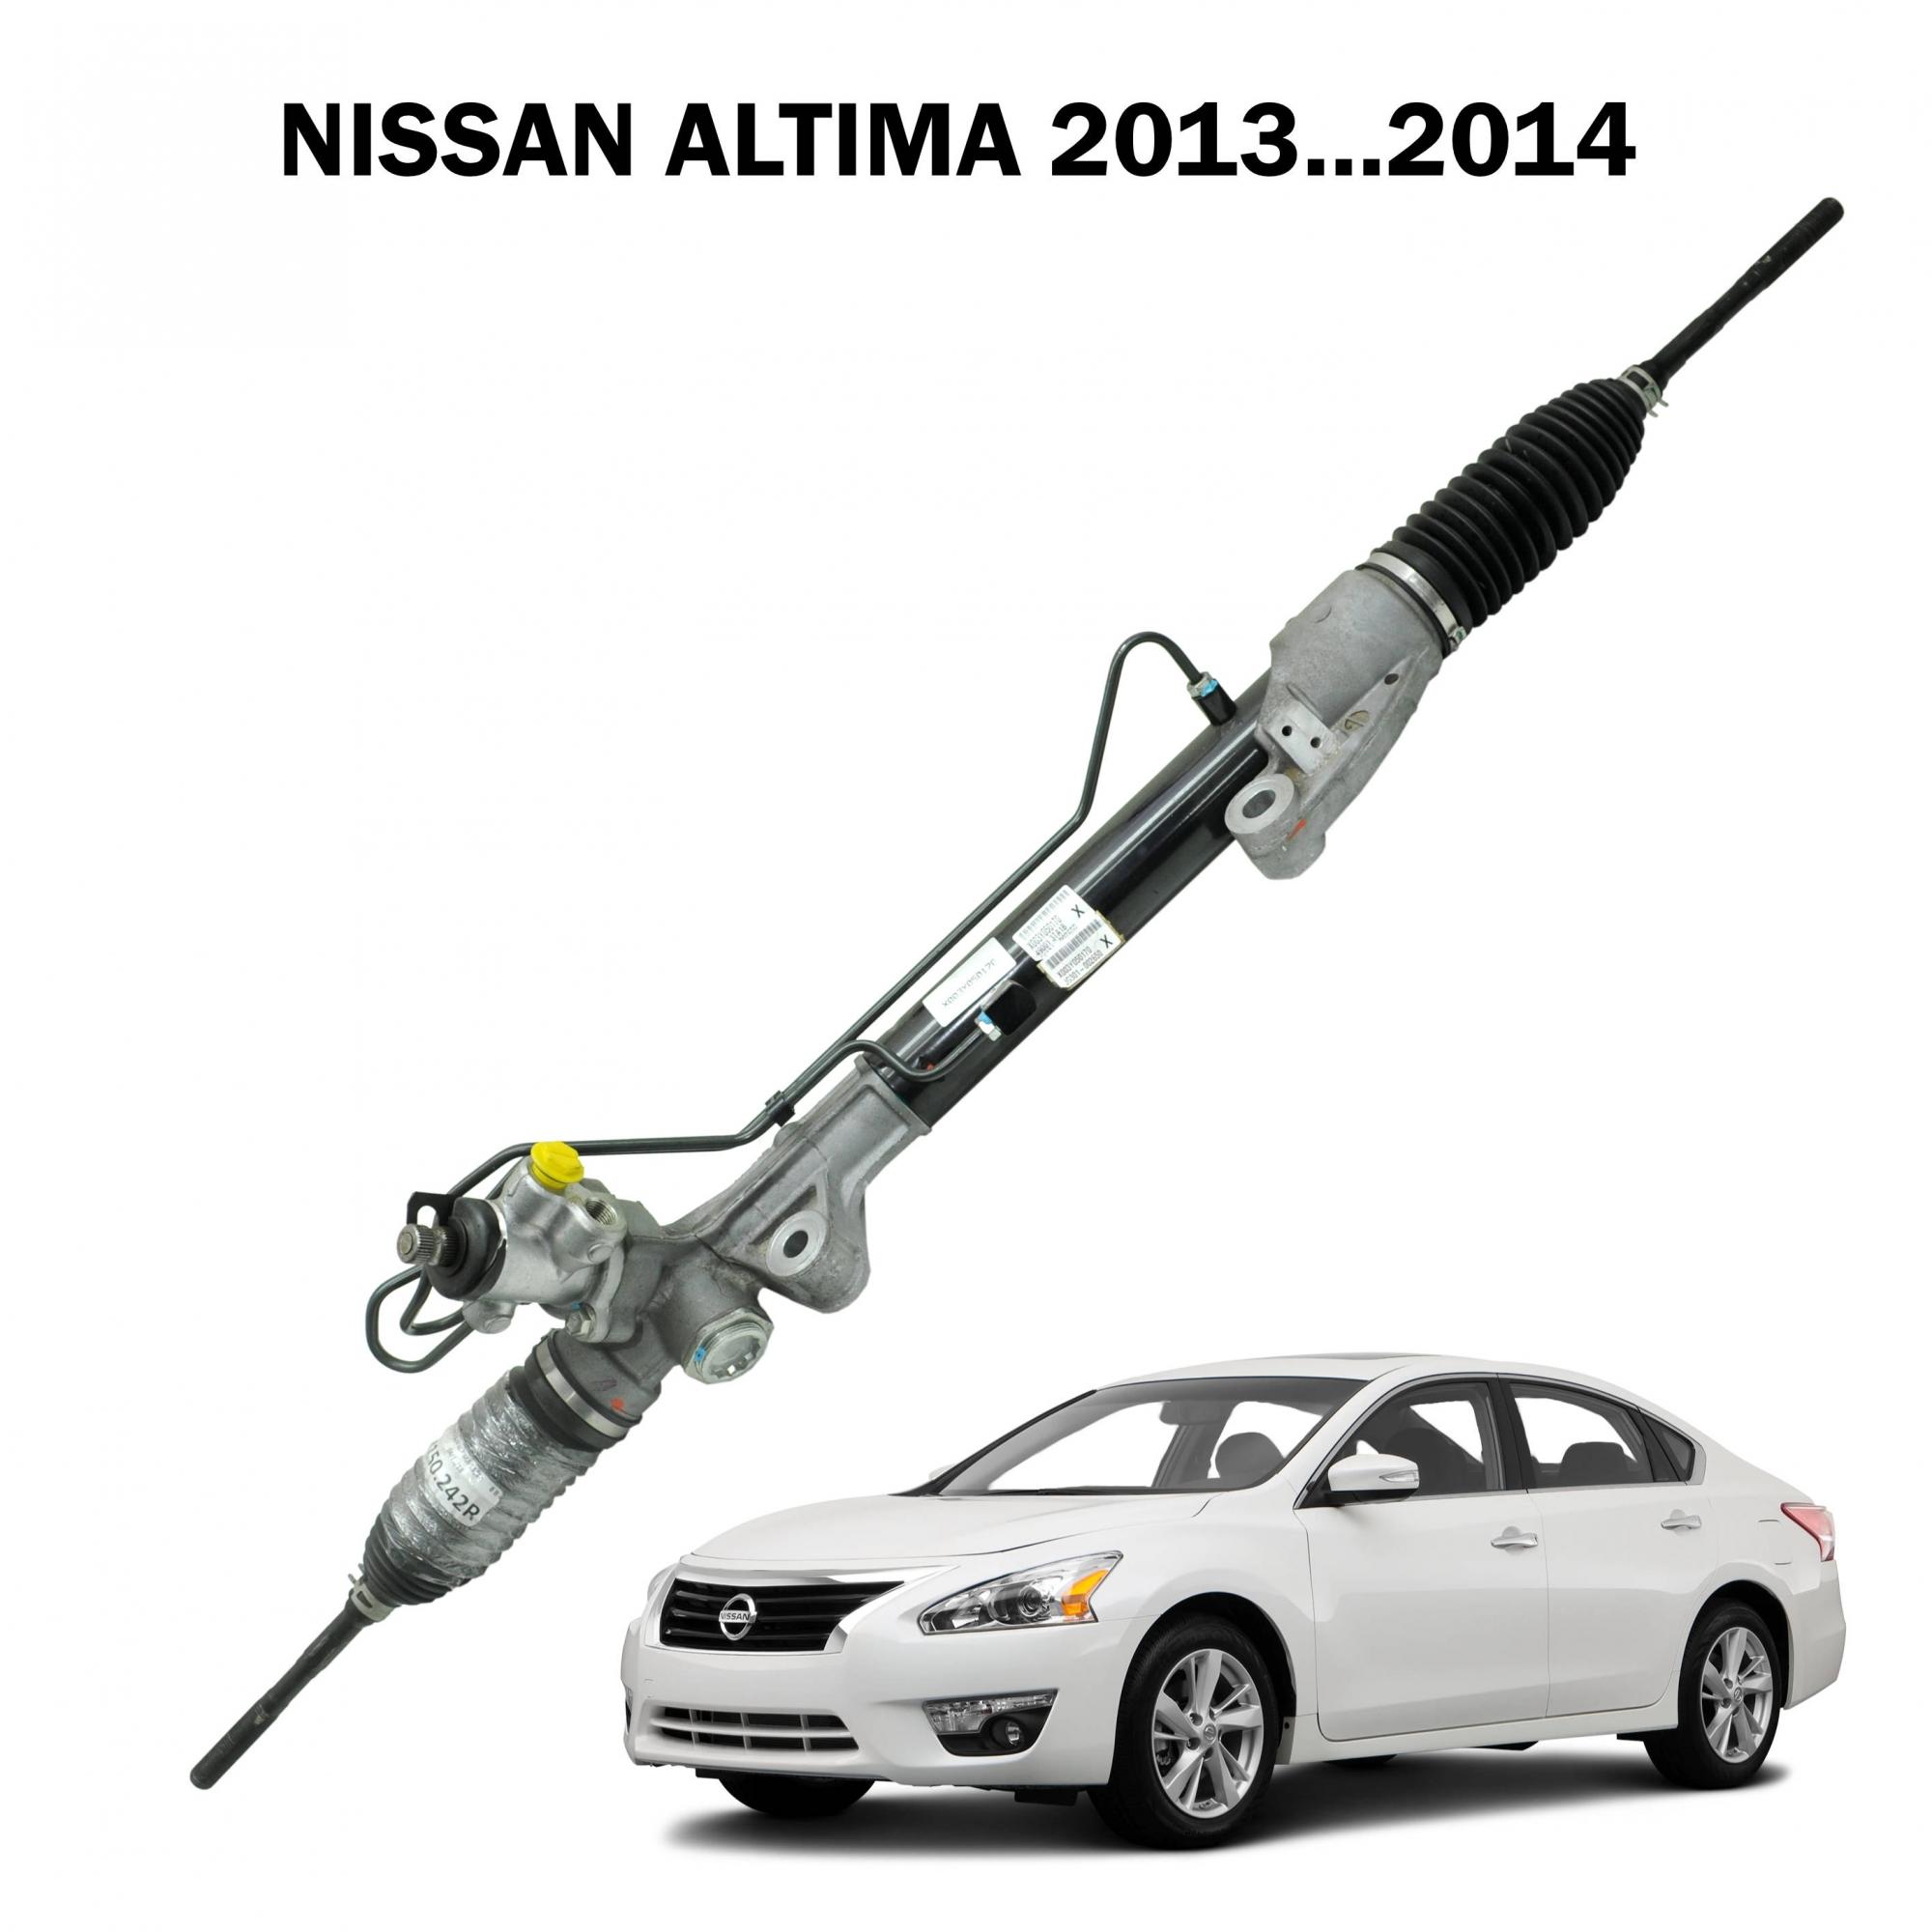 Caixa Direção Hidráulica Nissan Altima 2013...2014 490013TA1A